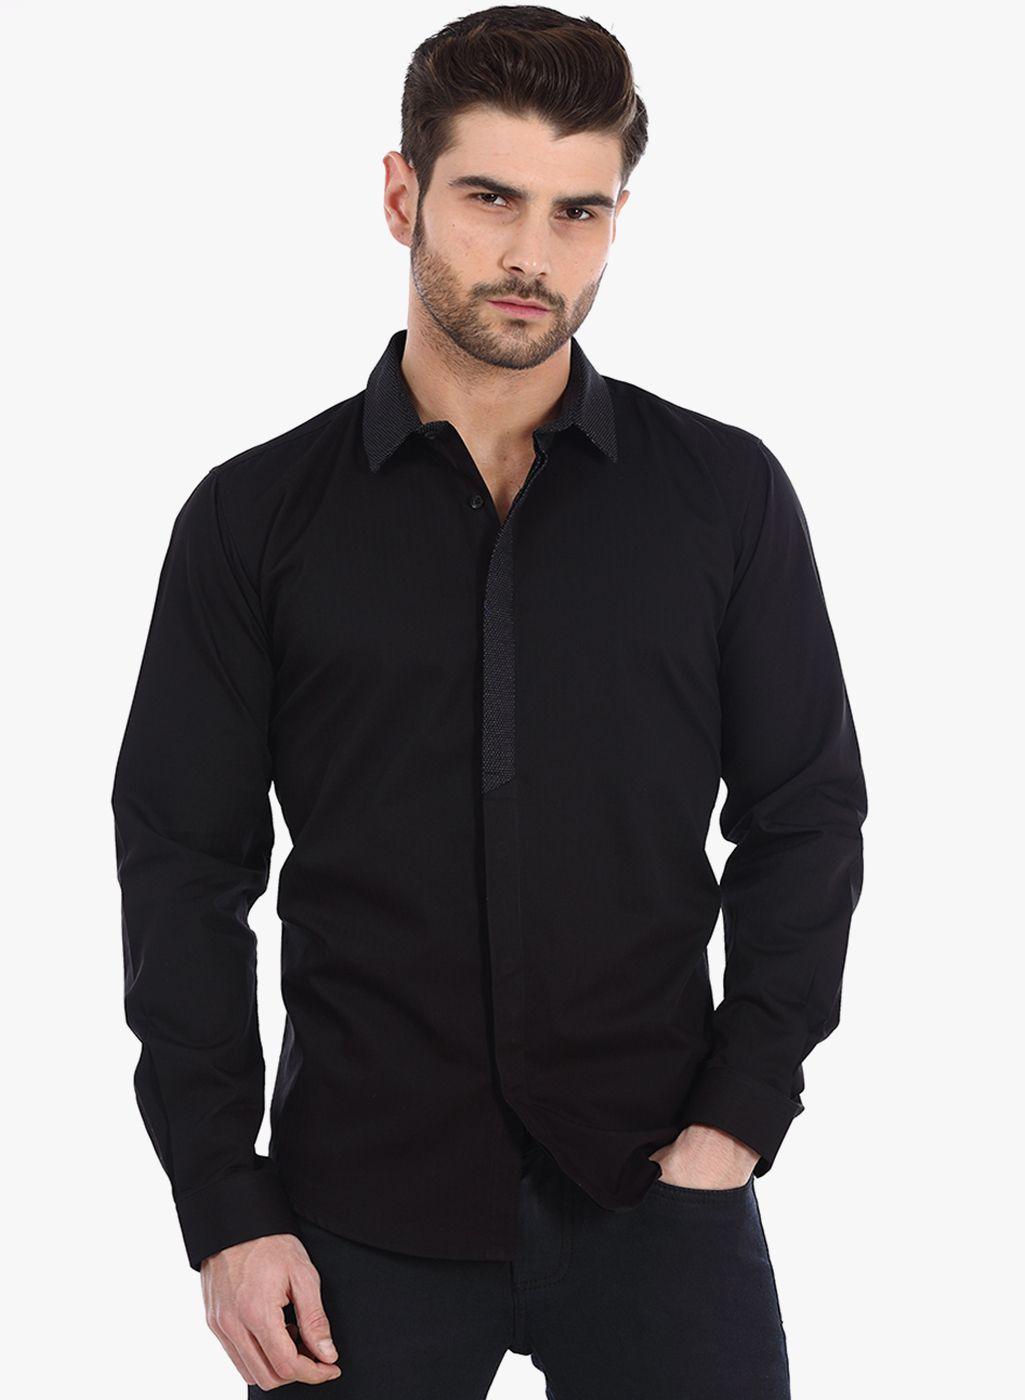 bc9af56215 Buy Basics Black Solid Slim Fit Casual Shirt for Men Online India ...